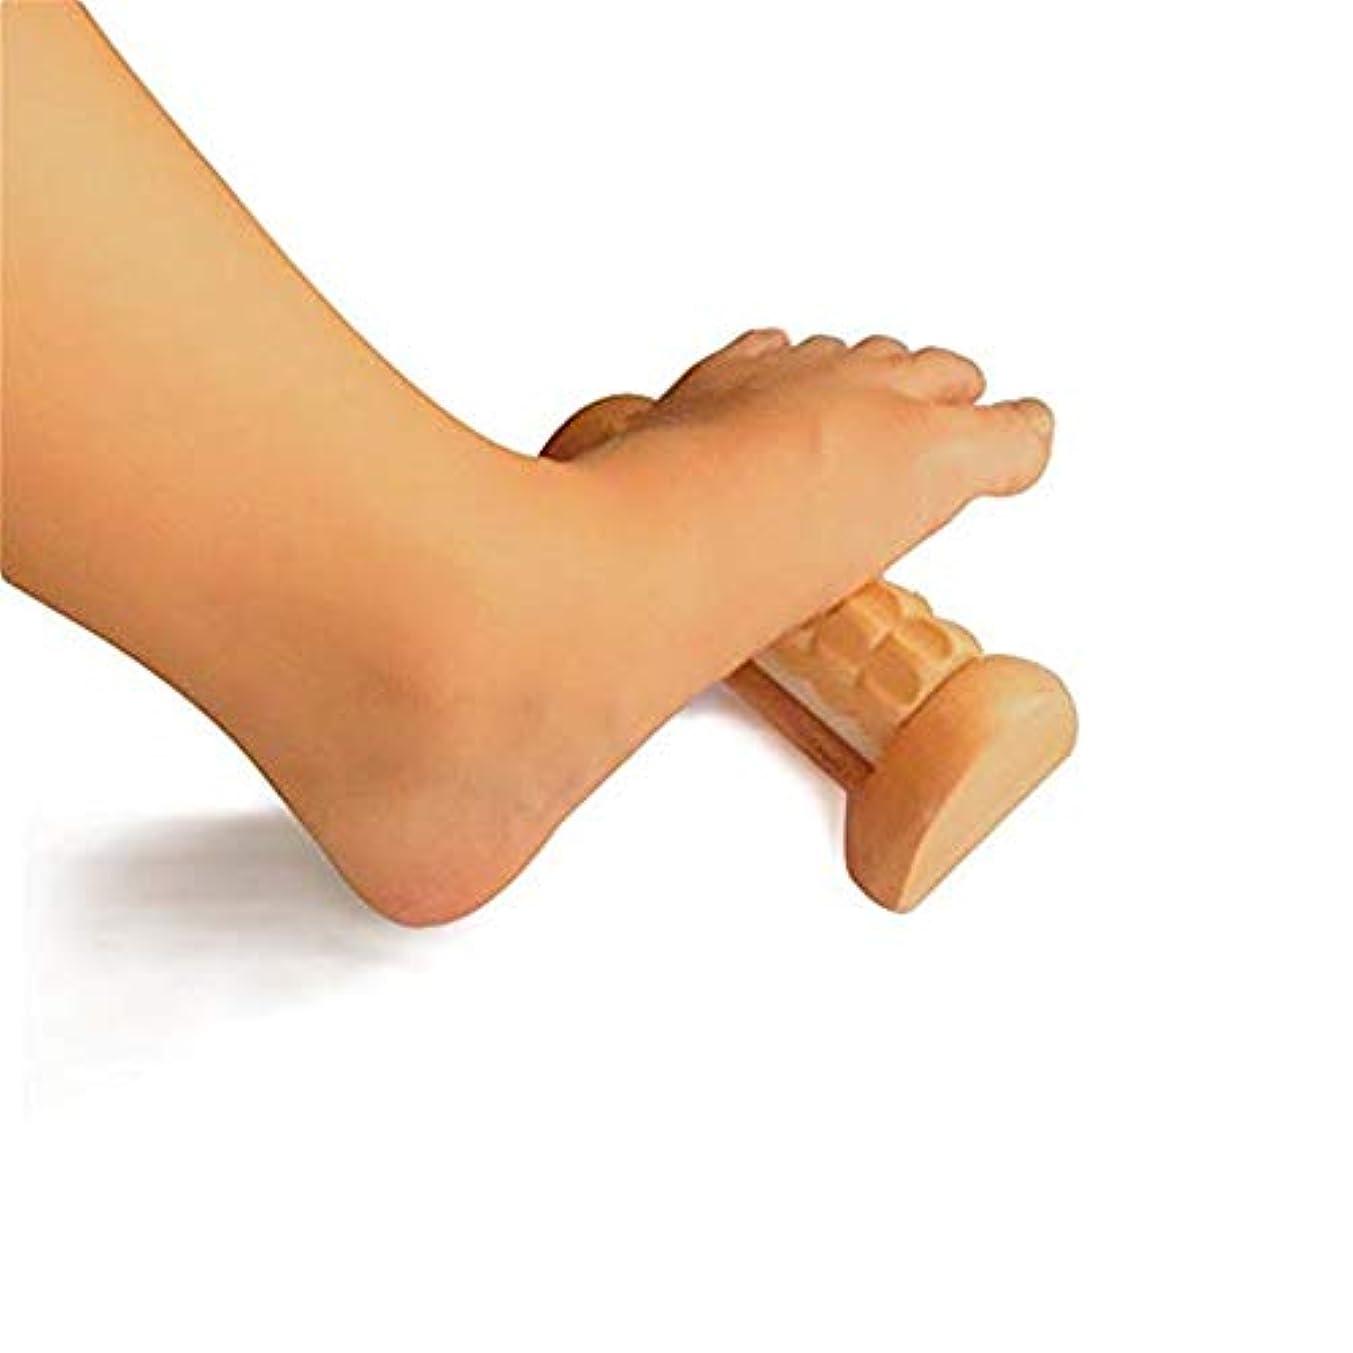 代わって鉱夫間欠Foot Massager Roller - 足のARCHの痛み、足底筋膜炎、痛みのセルフマッサージと痛みを和らげます - 筋膜の弛緩、リラックスした緊張/タイトな筋膜およびアーチを刺激します